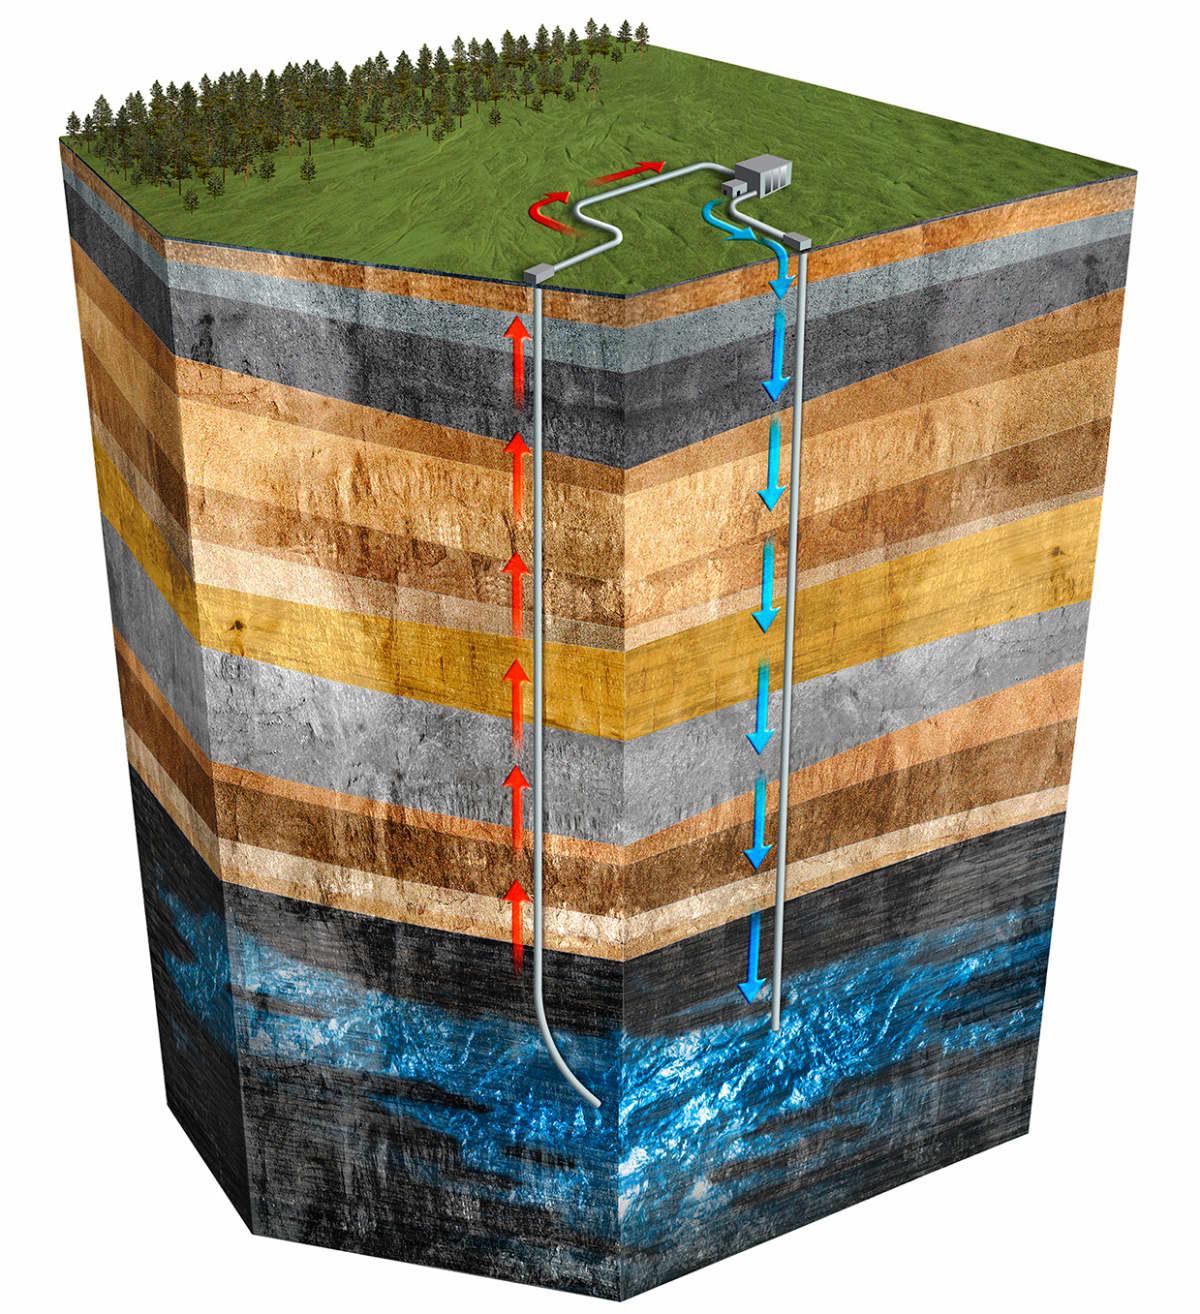 Kuva, jossa esitellään geotermisen voimalan toimintaperiaate